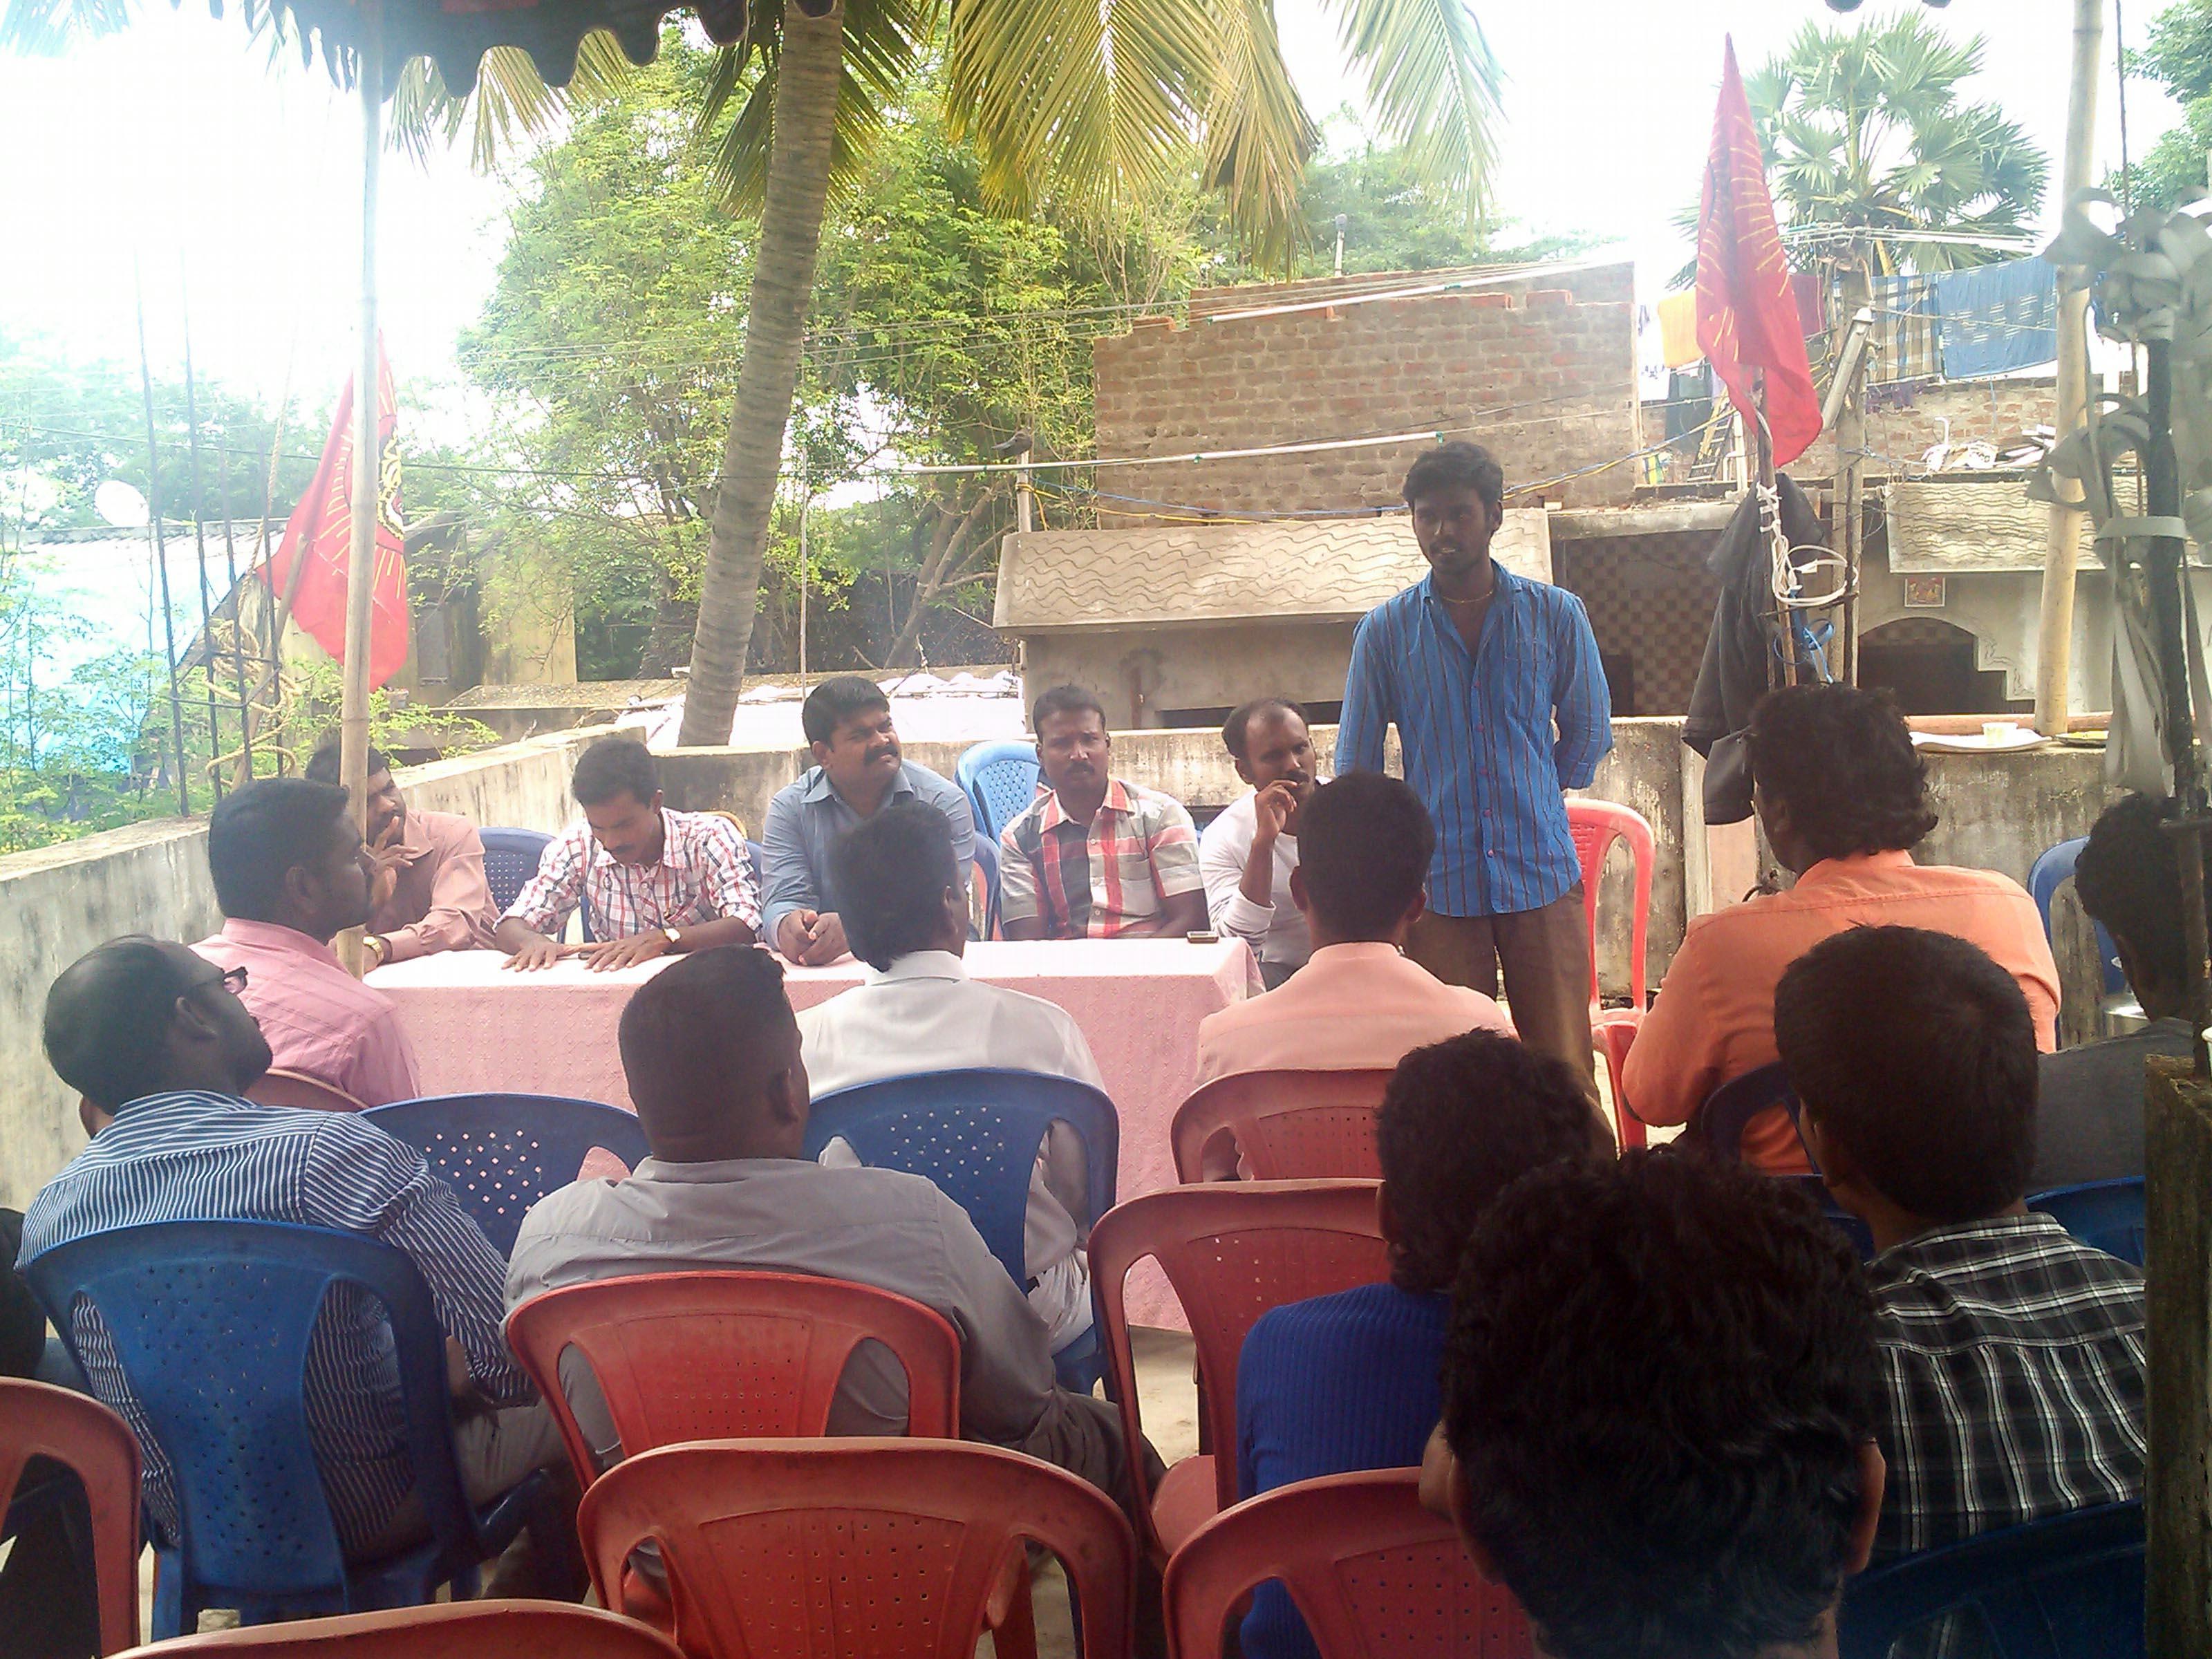 நாம் தமிழர் கட்சின் காஞ்சி மேற்கு மாவட்ட கலந்தாய்வு கூட்டம் நடைபெற்றது. IMG 20131020 135539